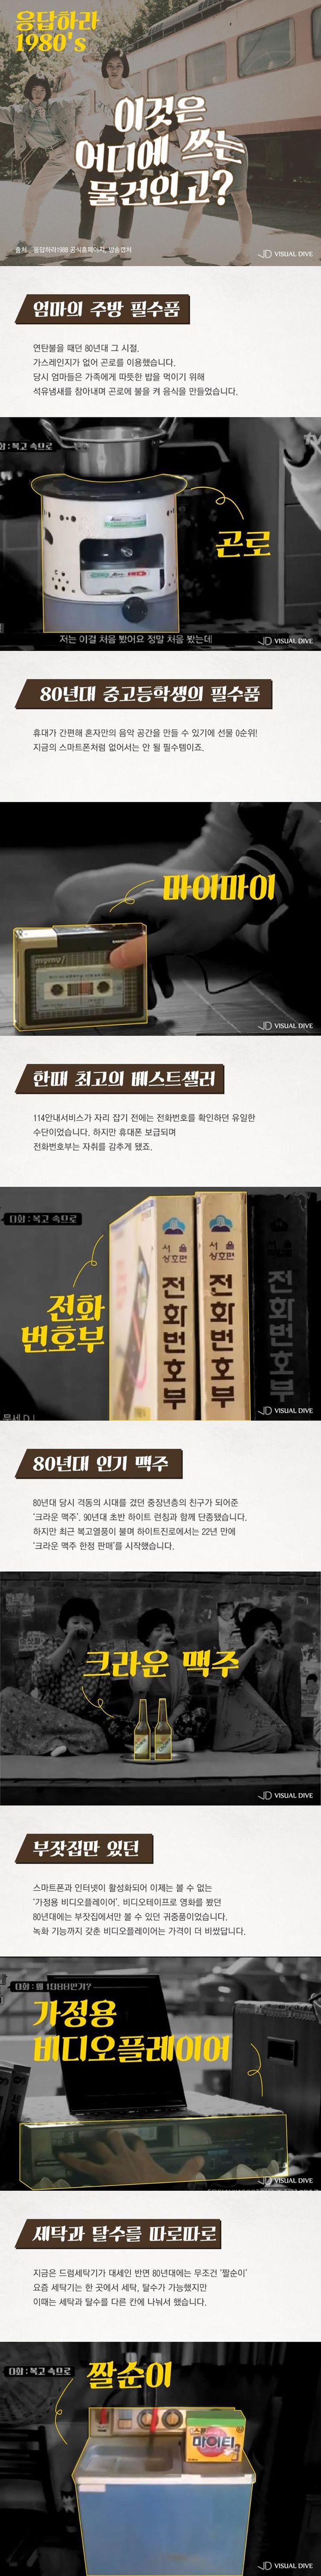 '응답하라 1980's' 추억의 아이템은?[카드뉴스] #Drama / #Cardnews ⓒ 비주얼다이브 무단 복사·전재·재배포 금지